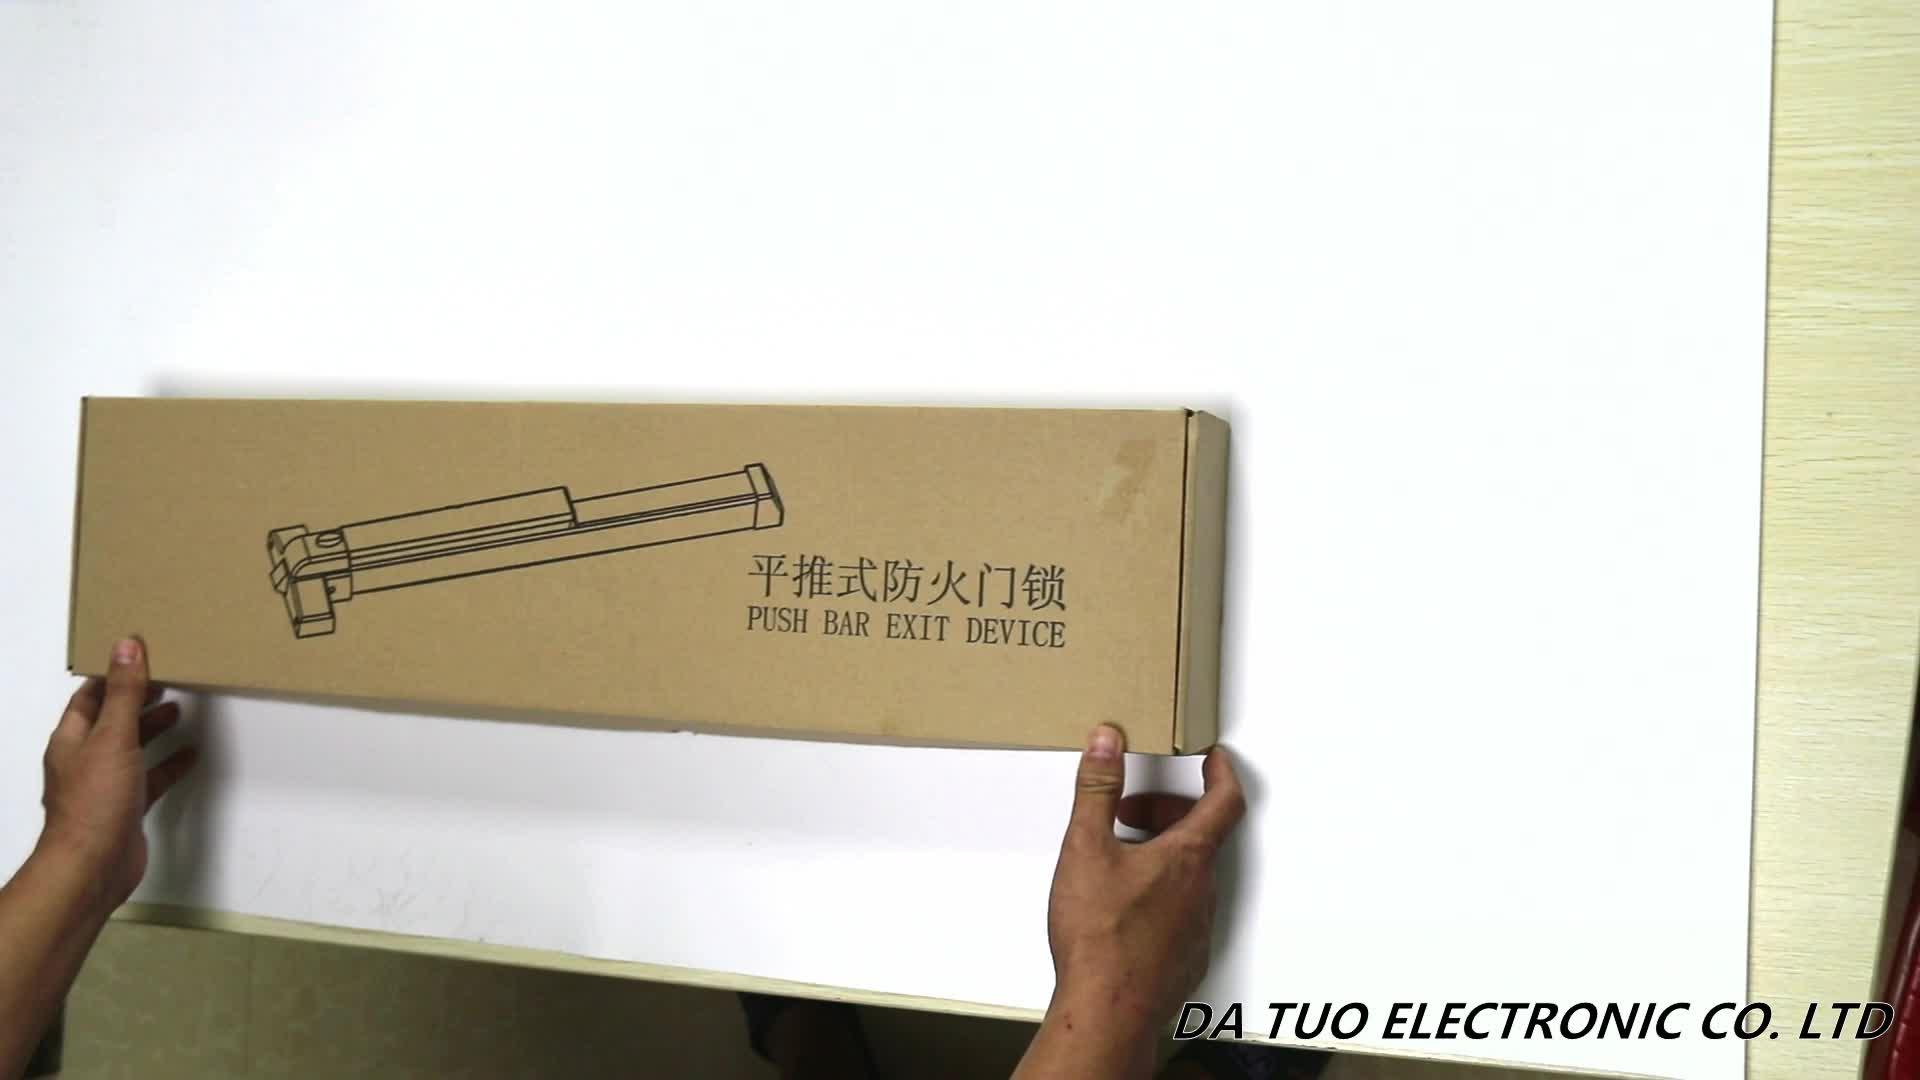 Alta durabilidad de 500.000 ciclos de pánico salida dispositivo bar cerradura de la puerta estándar de 800mm de longitud para fuego de la puerta de acero